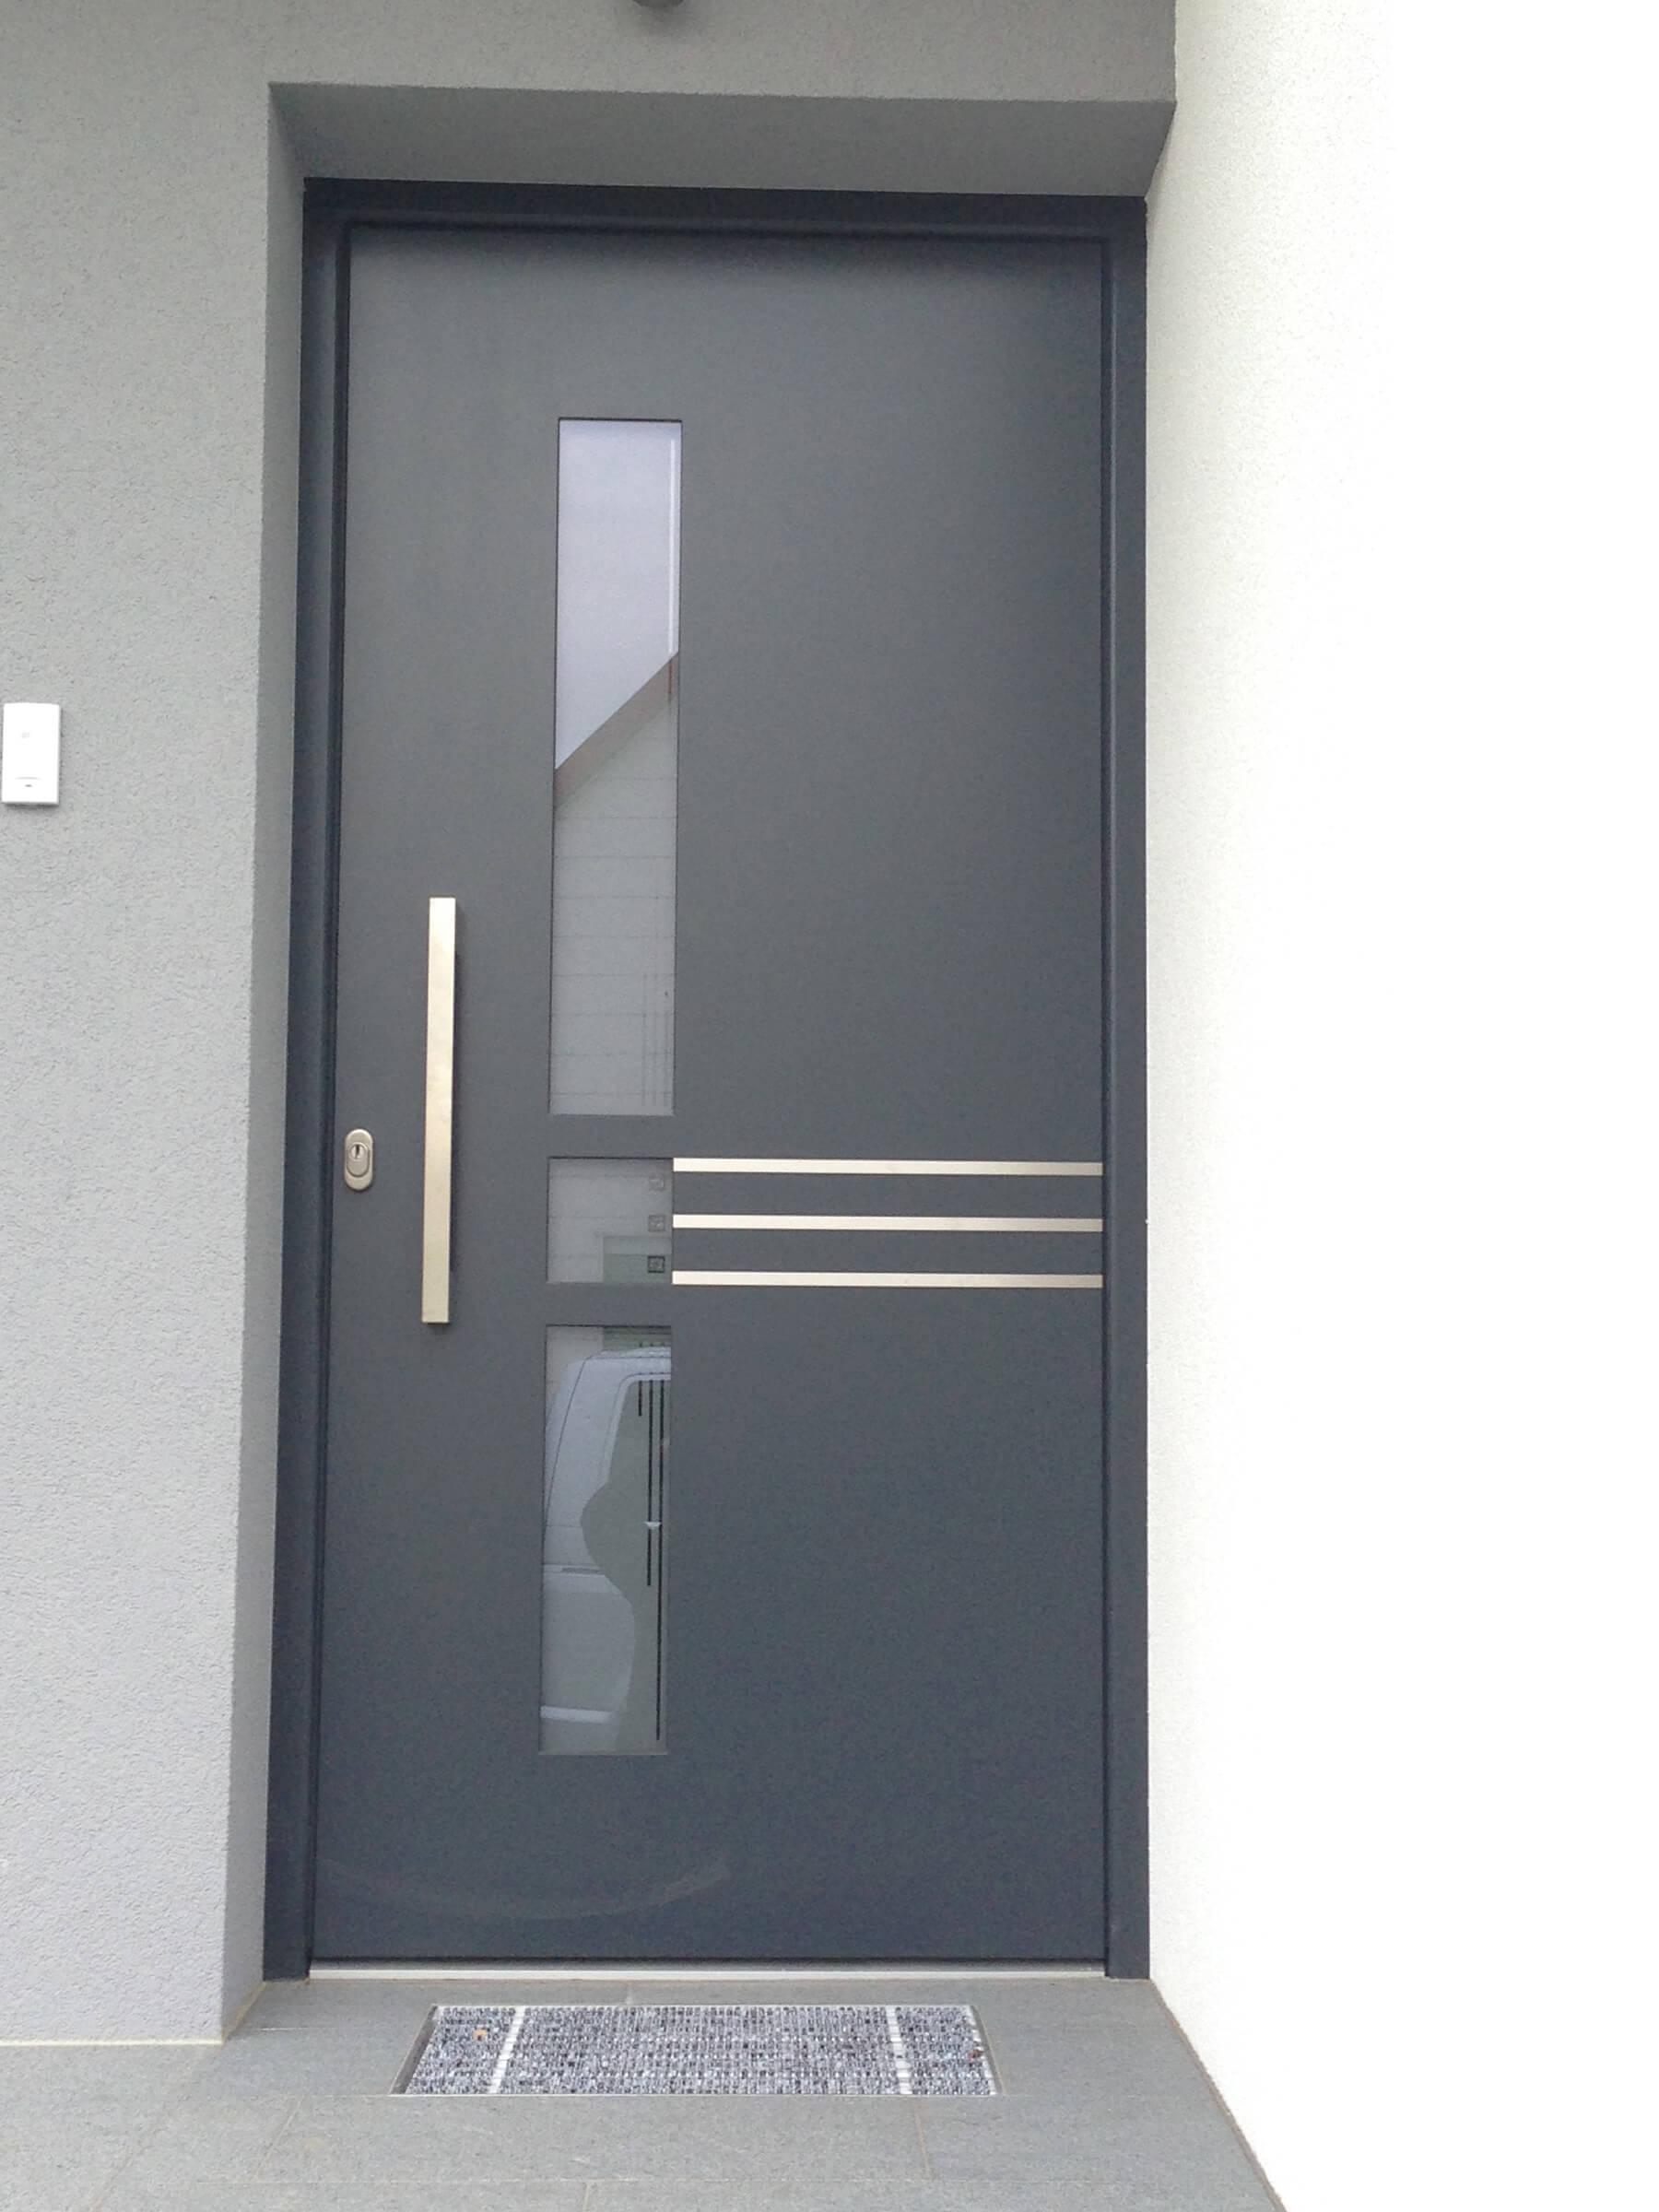 Eingangstüre flächenbündig außen in anthrazit und Edelstahllisenen